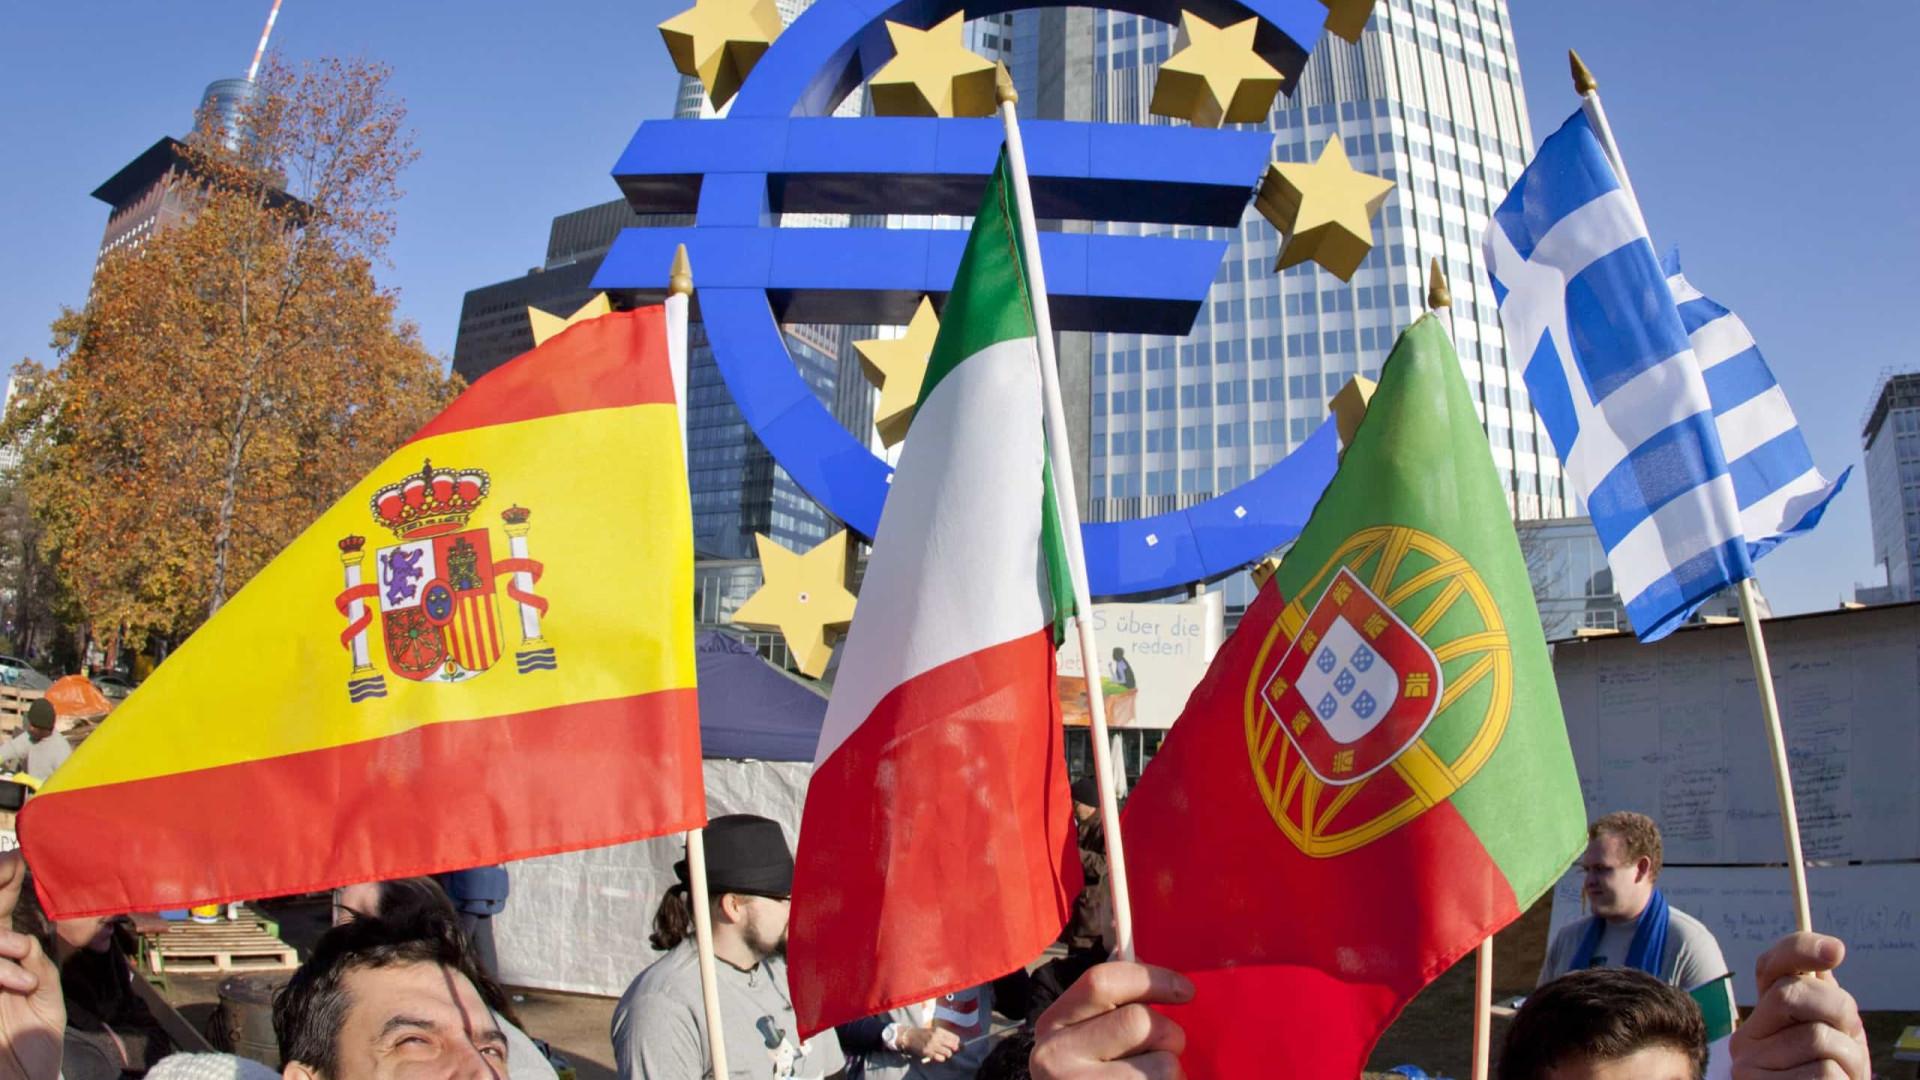 Parlamentos de Portugal e Espanha juntam-se antes de cimeira conjunta